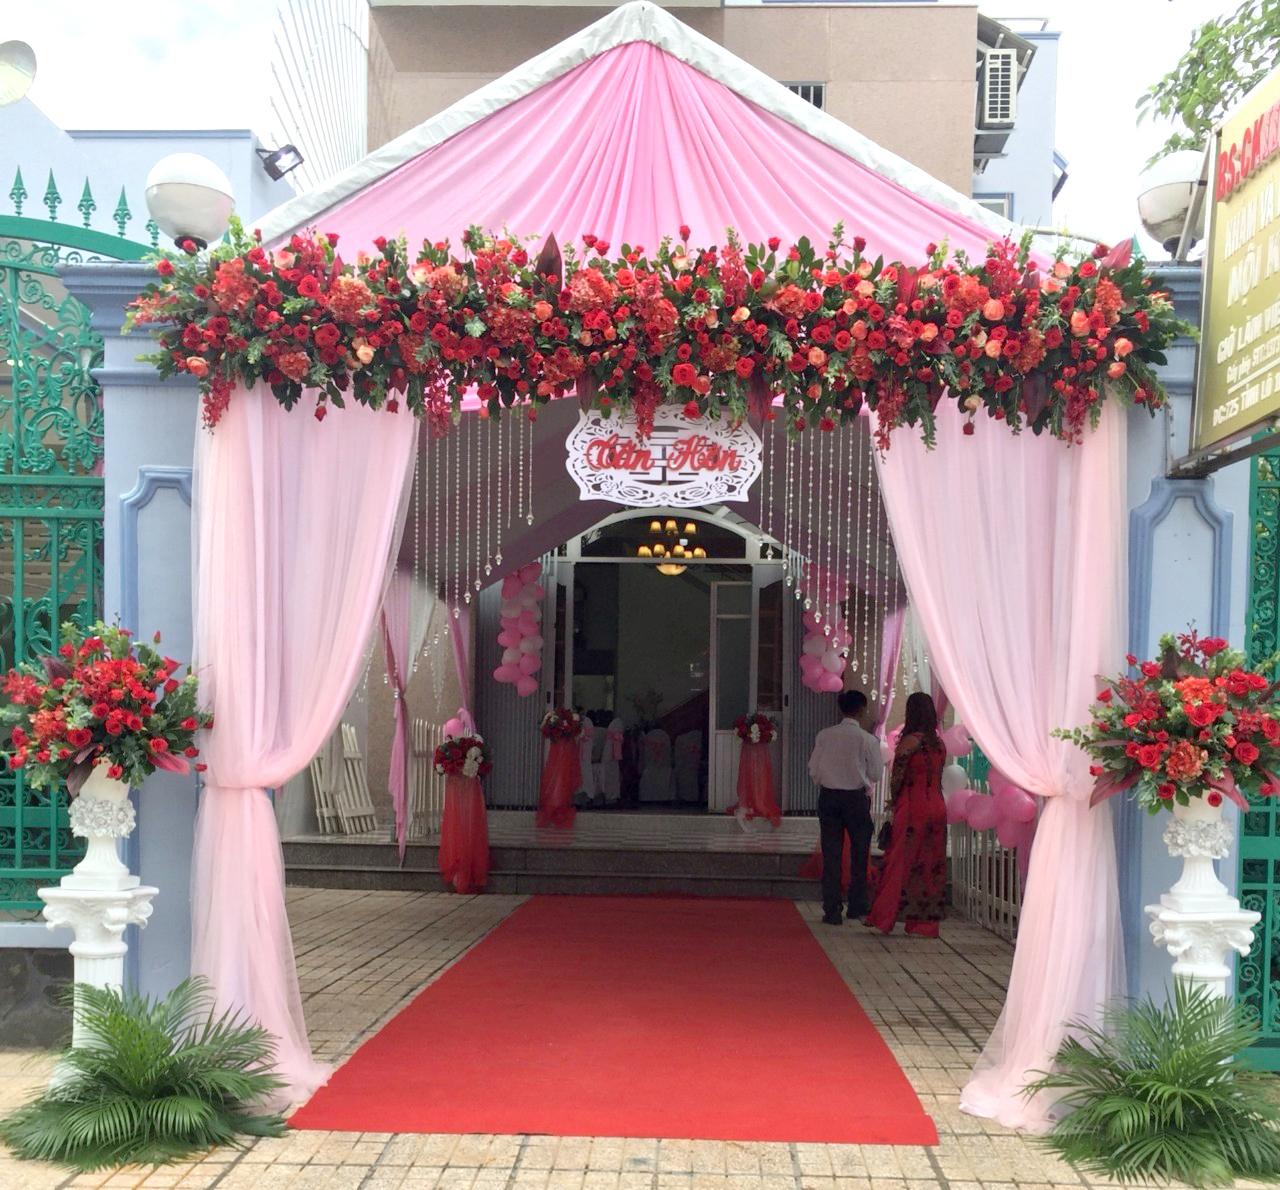 Dịch vụ cưới hỏi 24h trọn vẹn ngày vui chuyên trang trí nhà đám cưới hỏi và nhà hàng tiệc cưới | Nhà khách, rạp cưới trắng đỏ với cổng hoa sáng đẹp